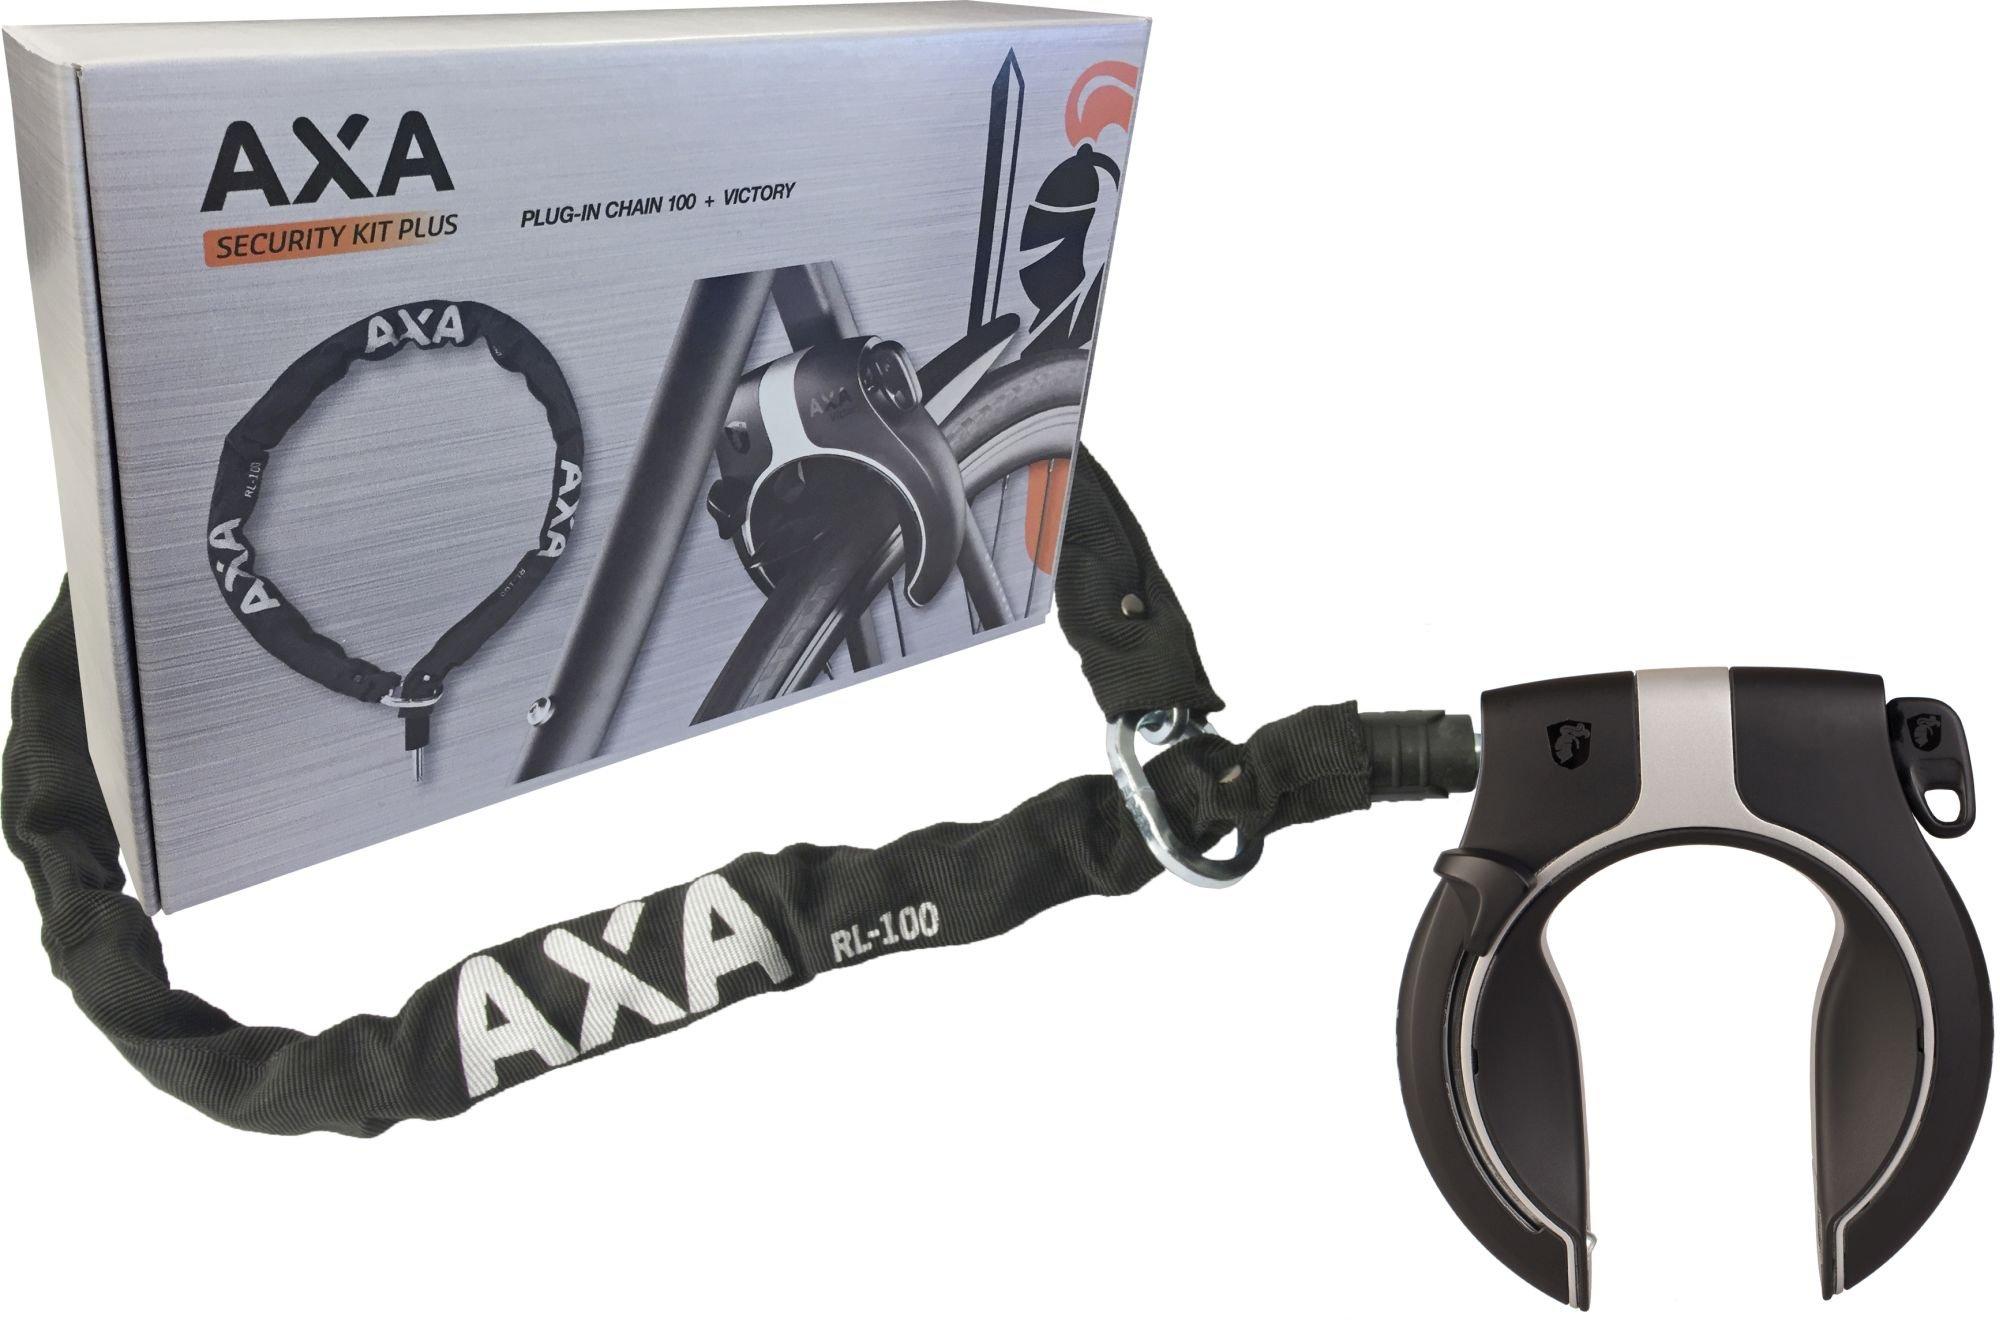 Image of Antifurto da telaio AXA Victory con catena 100 cm nero